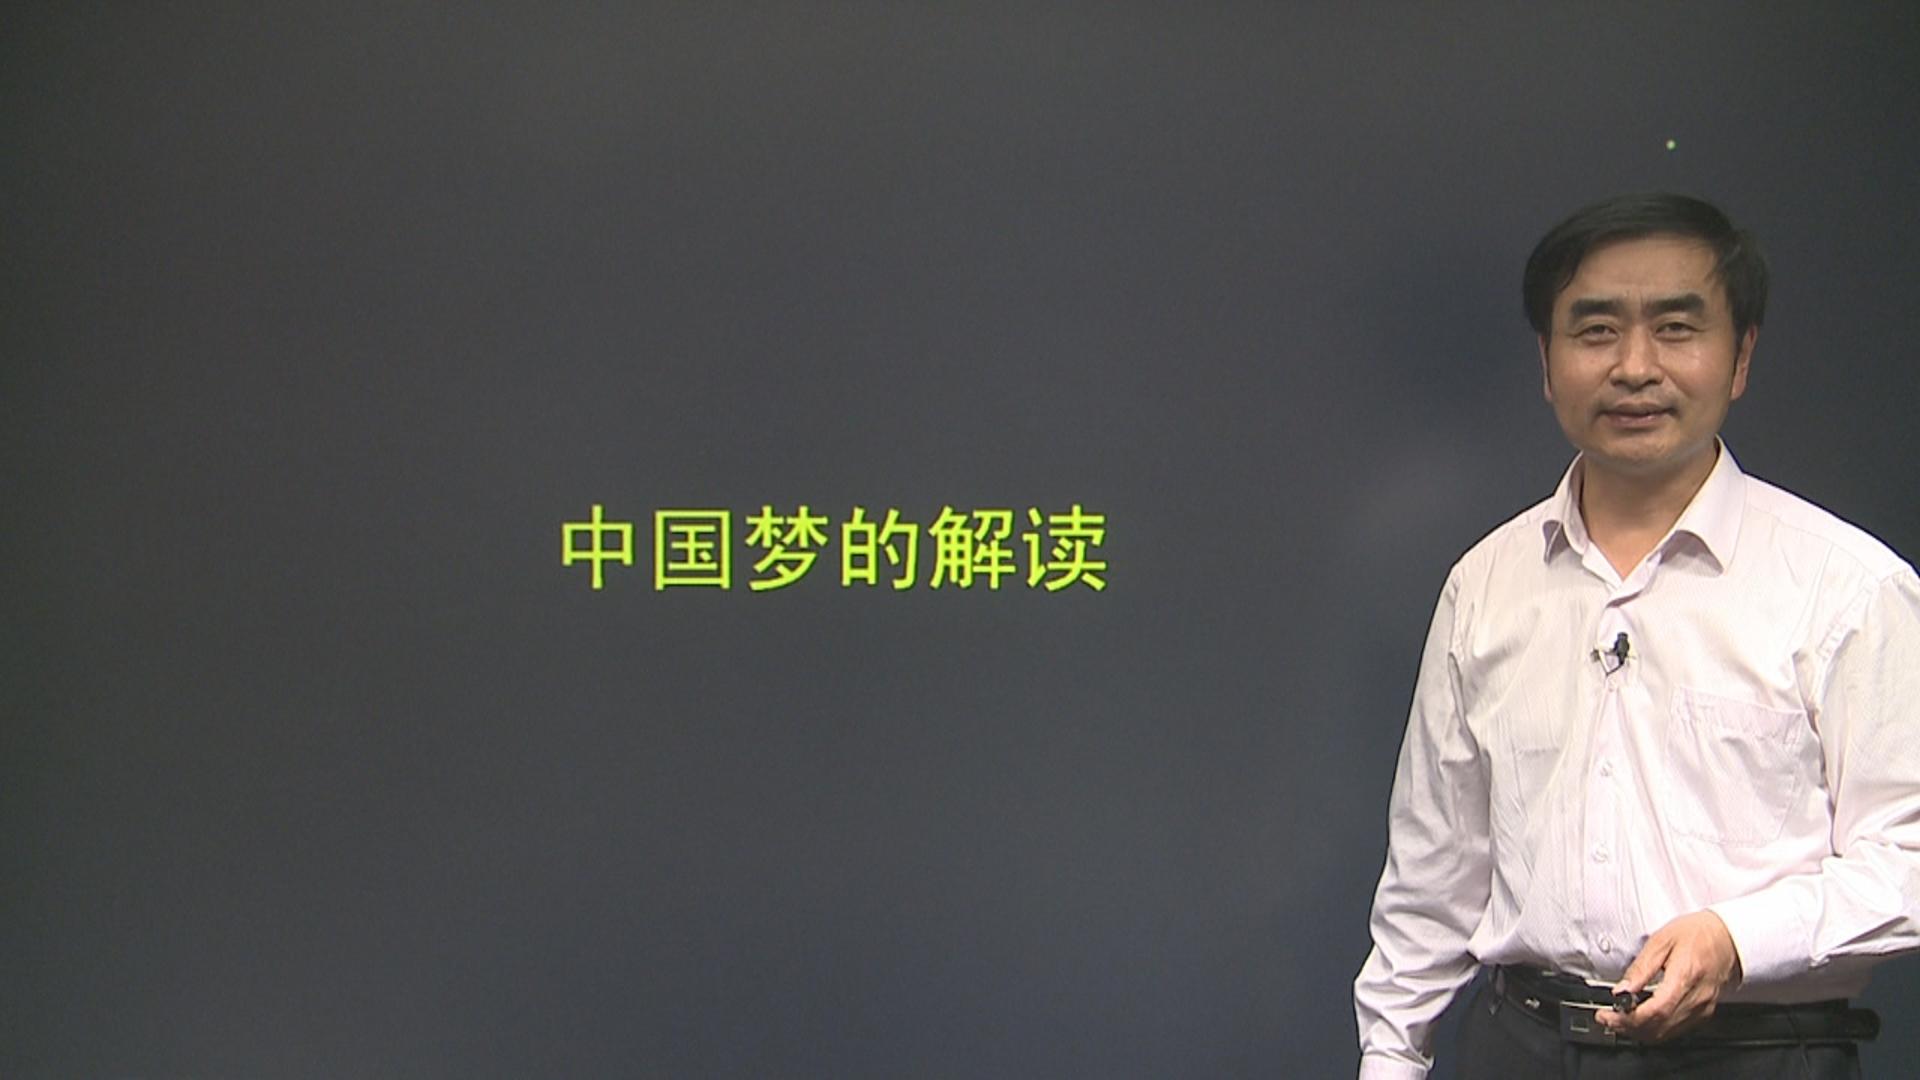 中国梦的解读